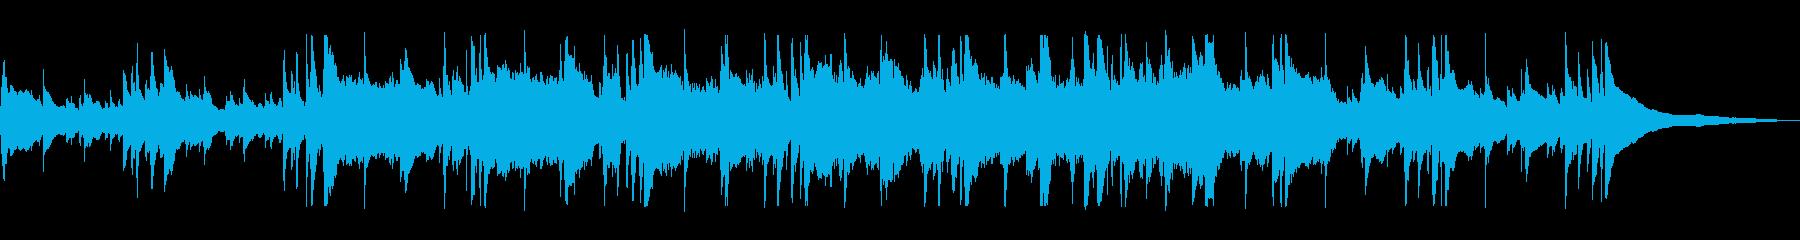 のんびり気楽にいこうと思える曲の再生済みの波形